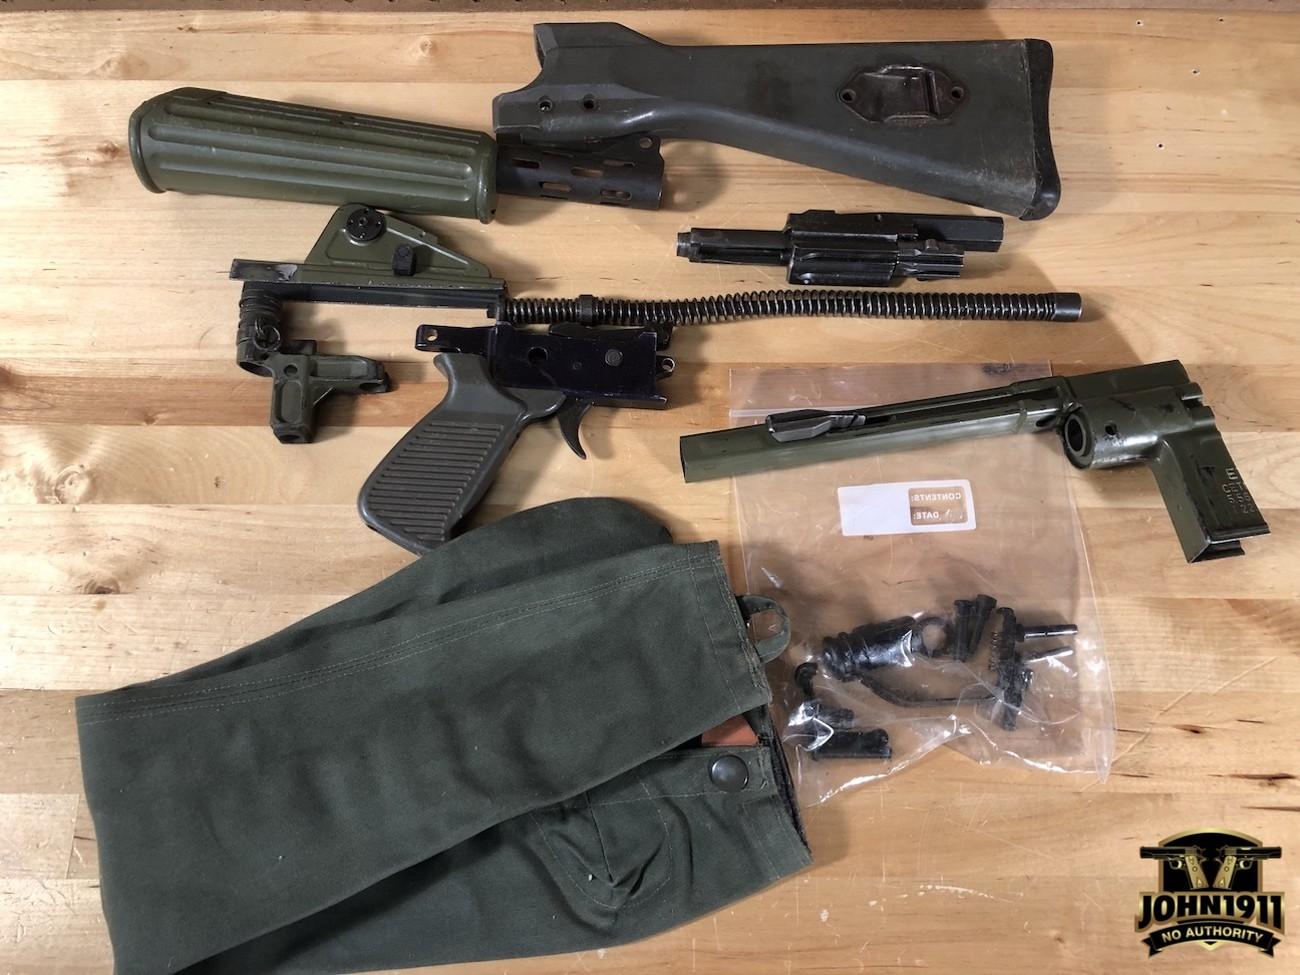 CETME-L Parts Kit – John1911 com Gun Blog